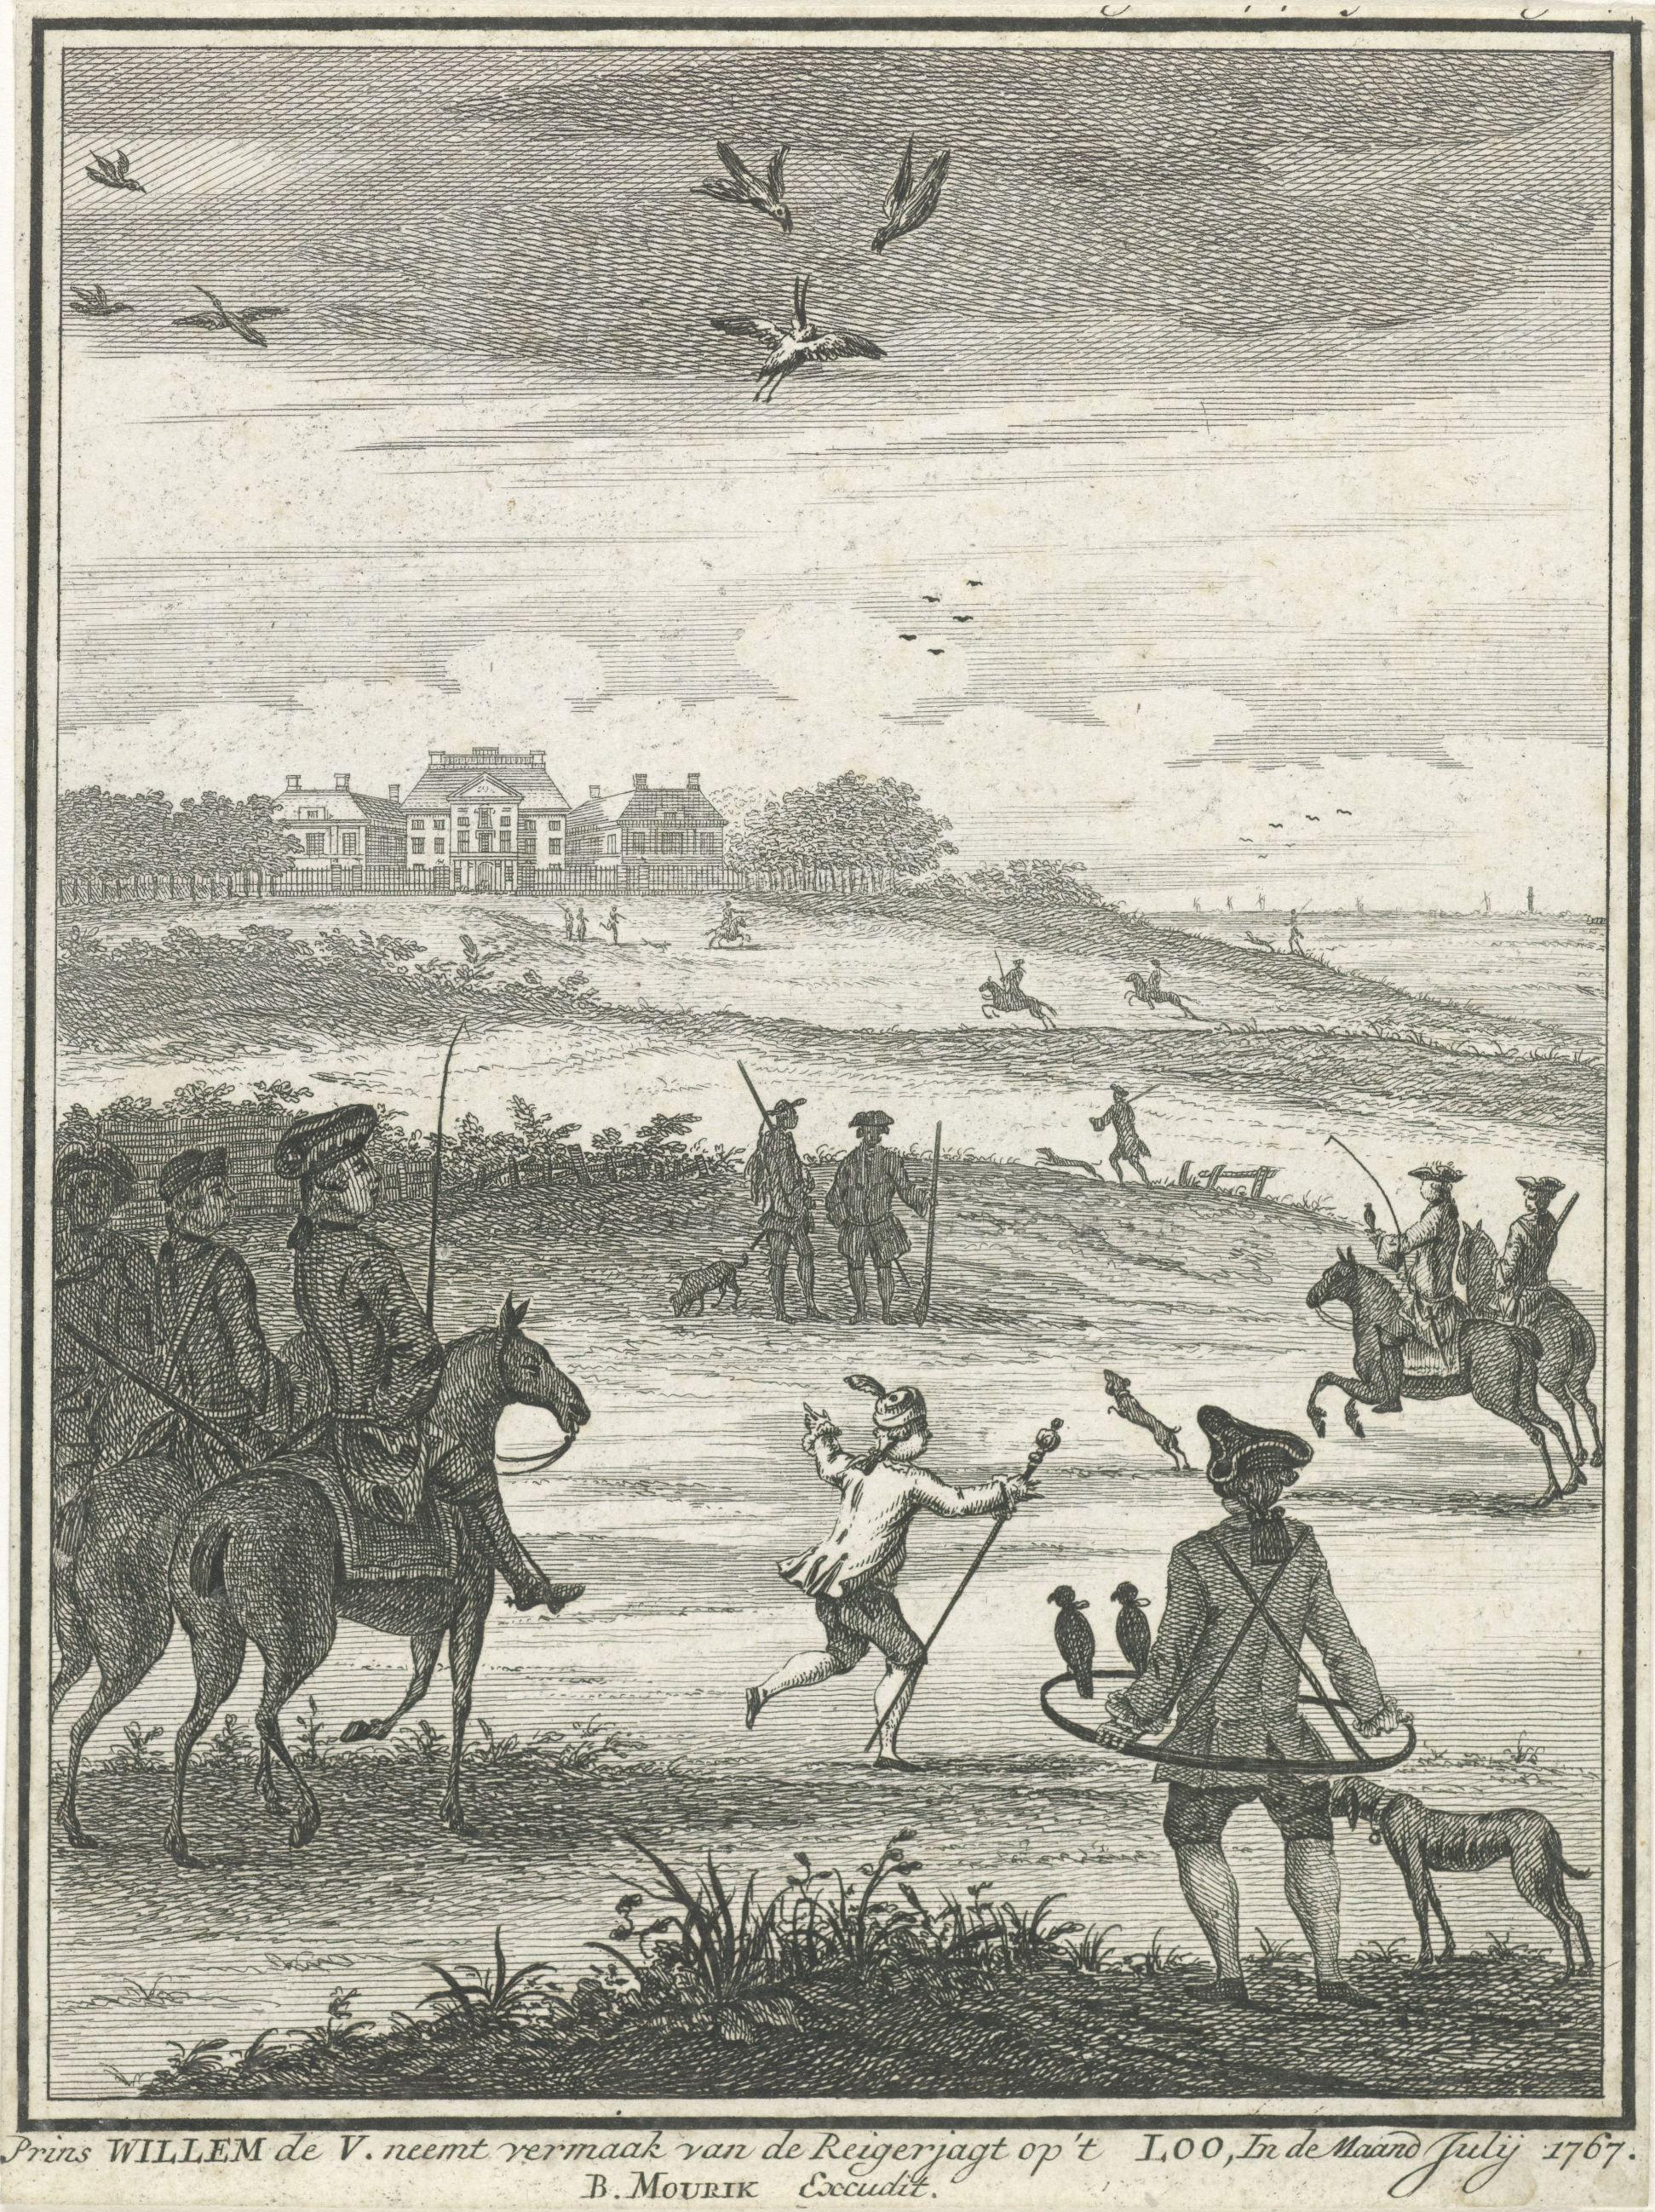 Willem V op jacht bij Het Loo coll Rijksmuseum